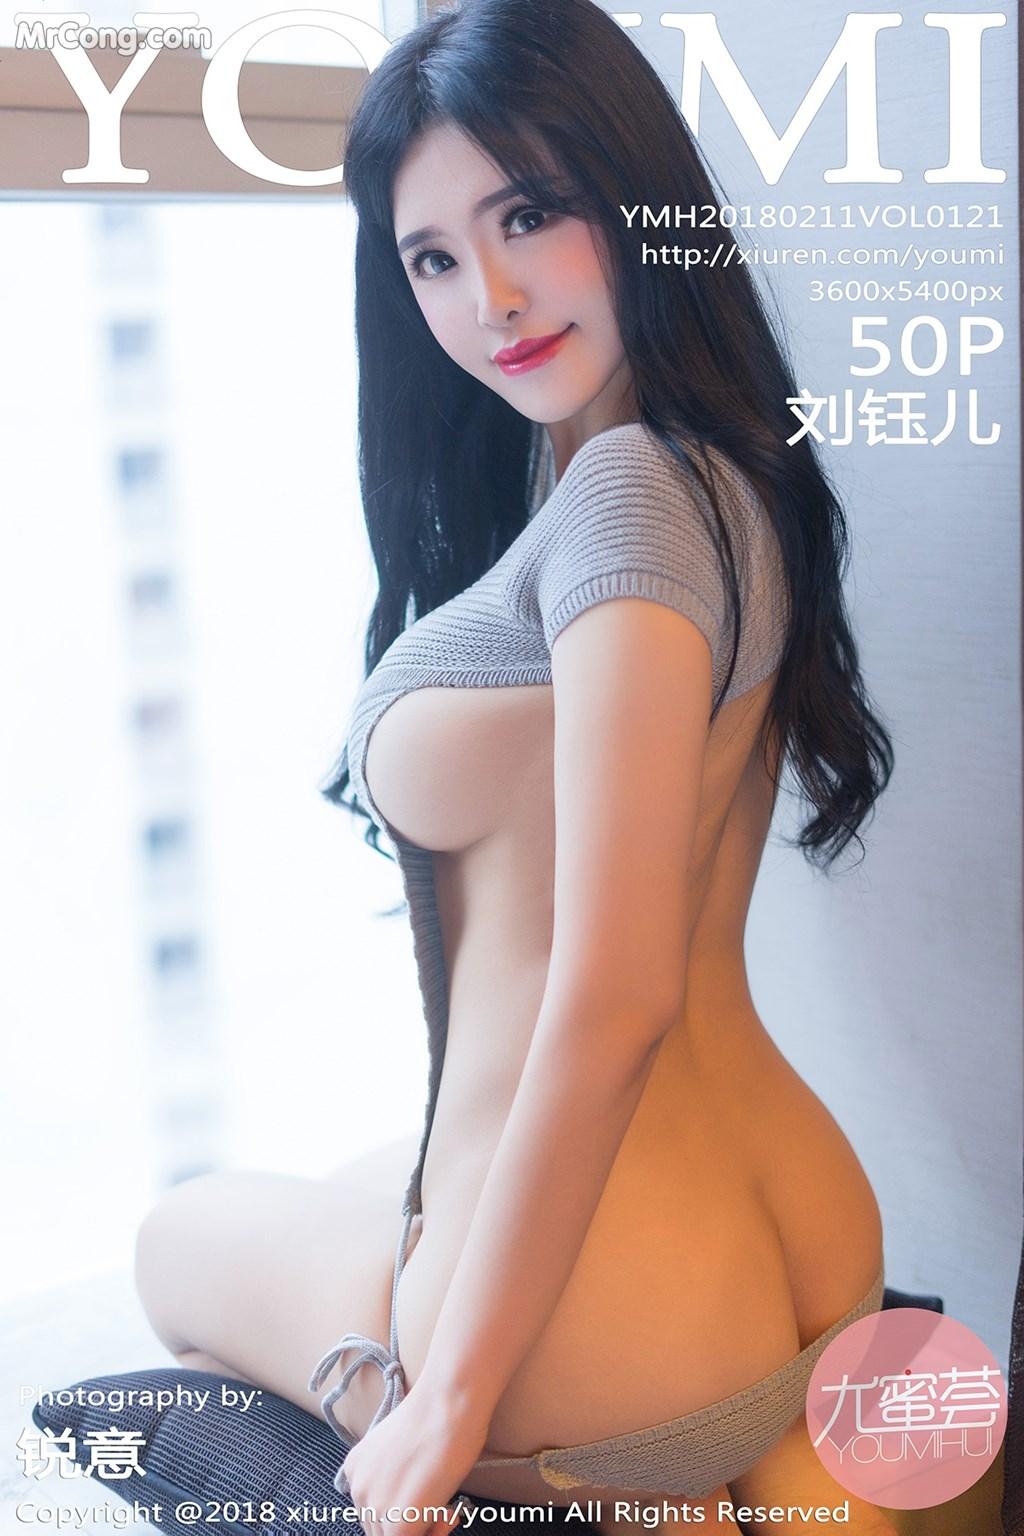 YouMi Vol.121: Người mẫu Liu Yu Er (刘钰儿) (51 ảnh)